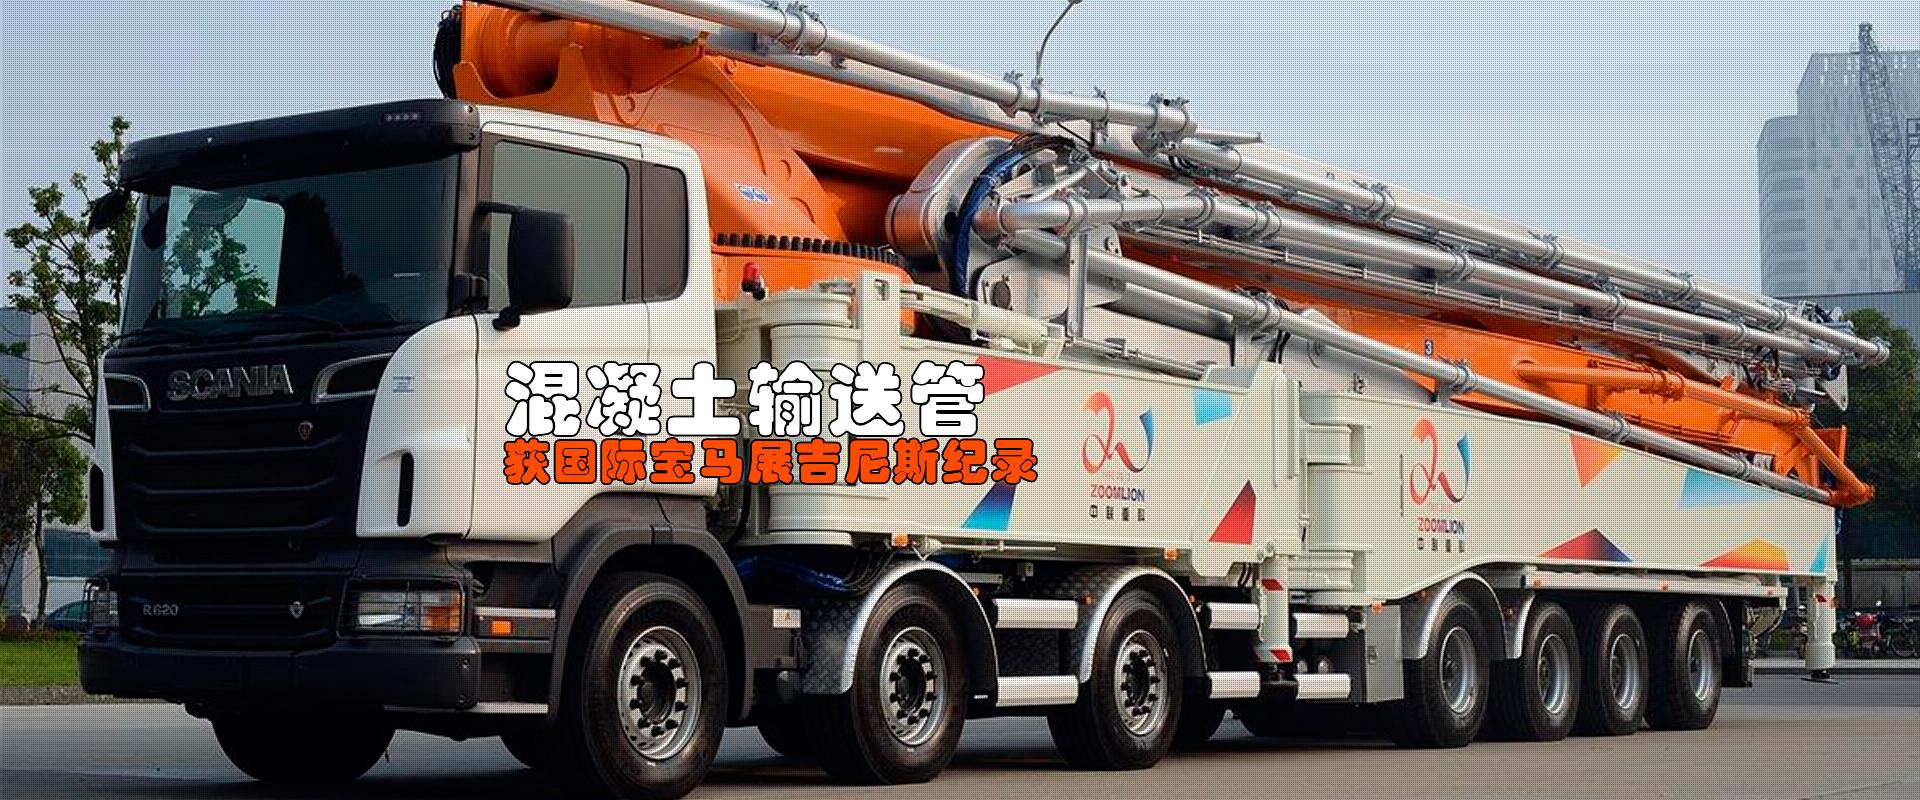 混凝土輸送管,獲國際寶馬展吉尼斯紀錄